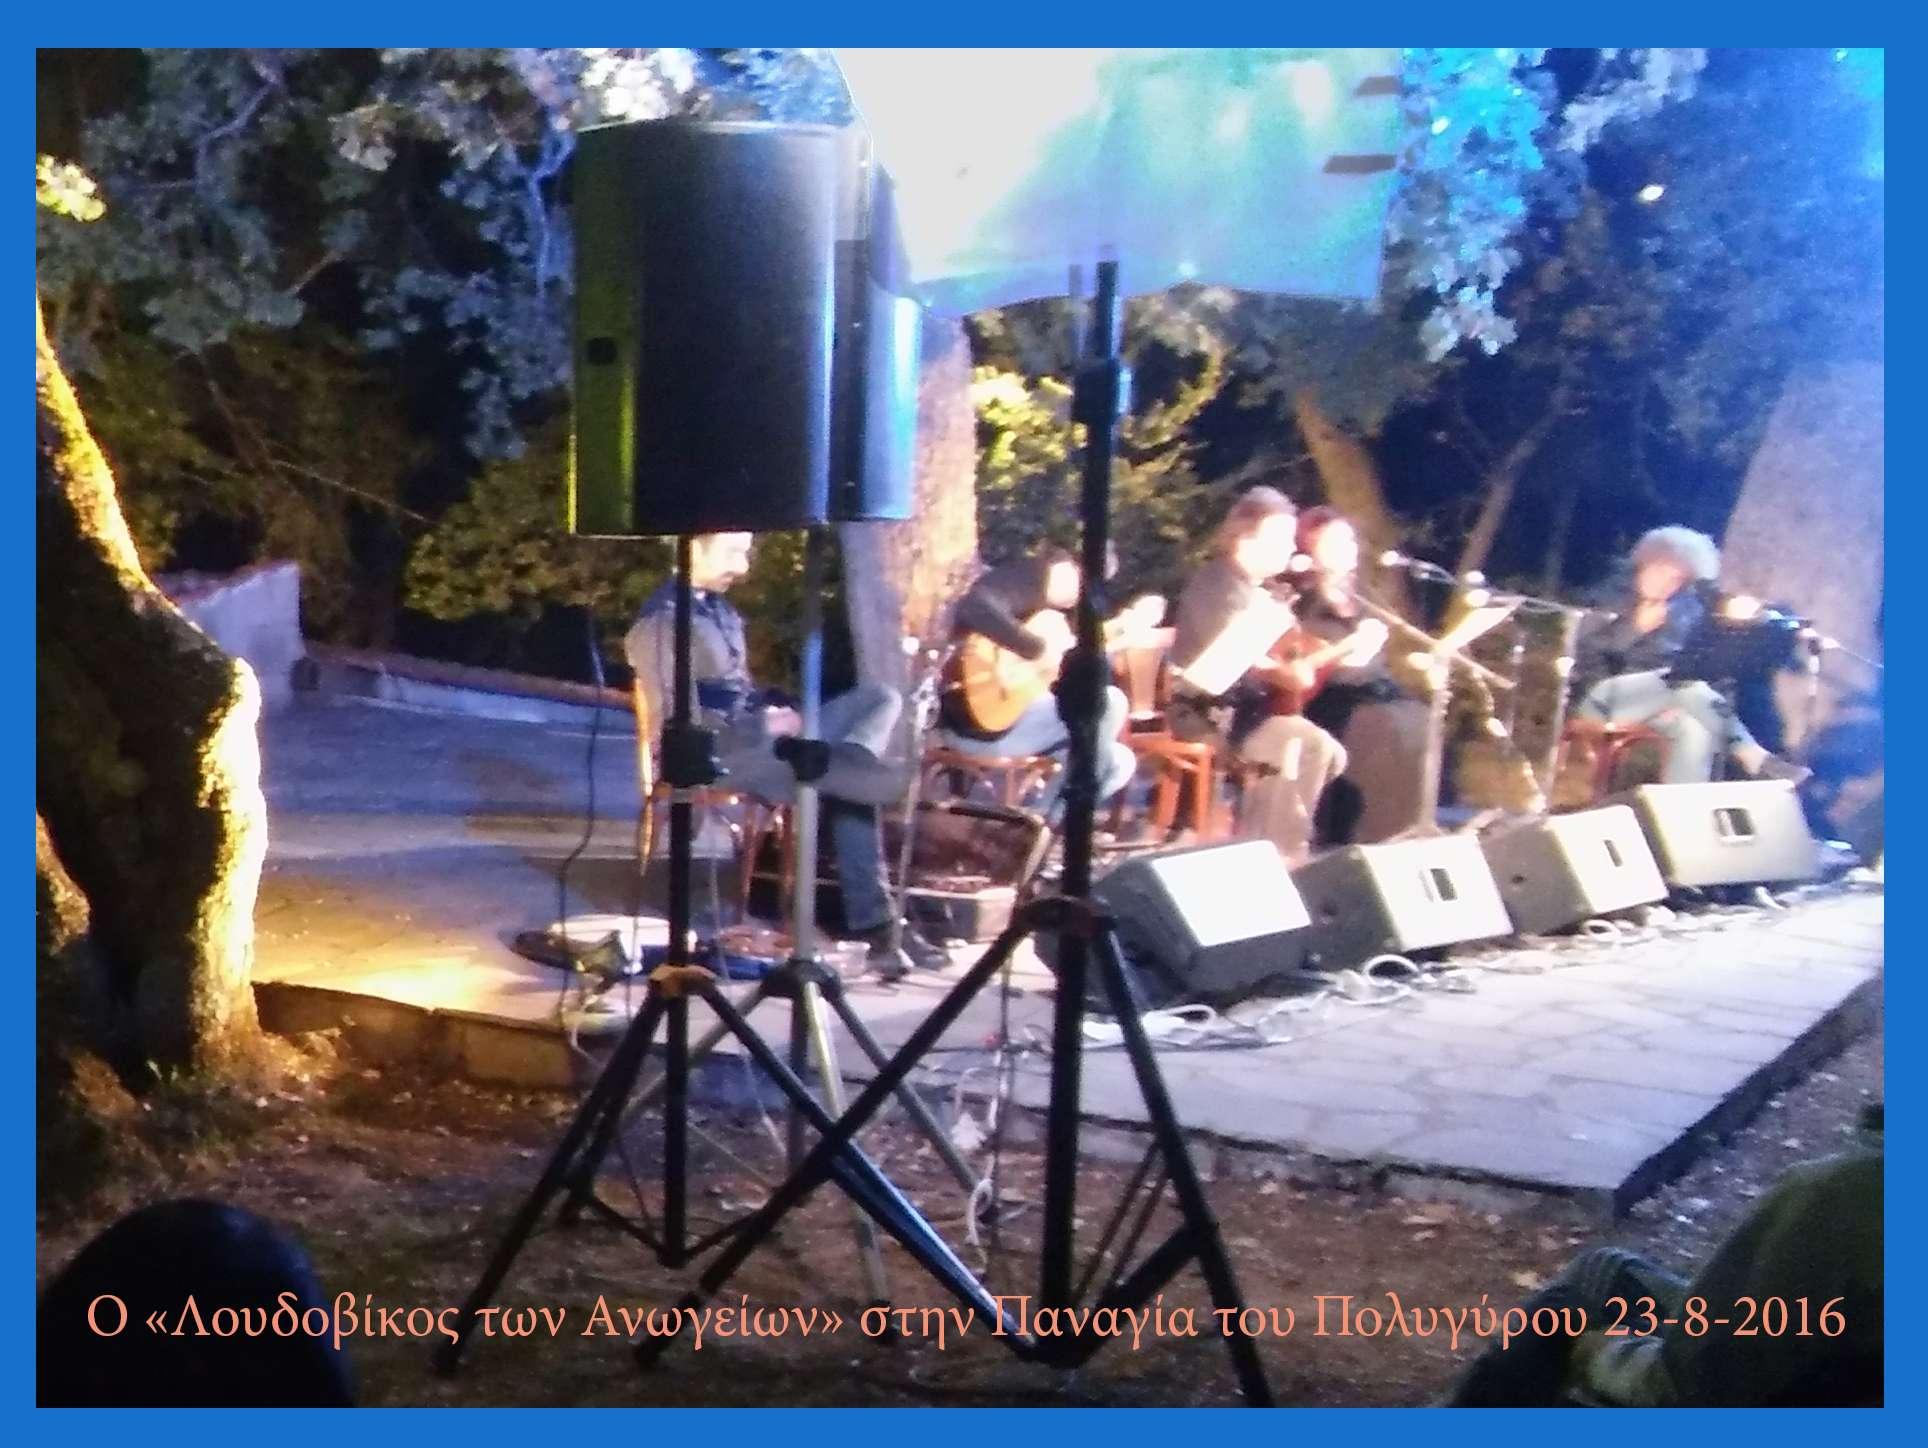 Ο Λουδοβίκος των Ανωγείων «συναντά» το Νίκο Μαμαγκάκη στην Παναγία Πολυγύρου